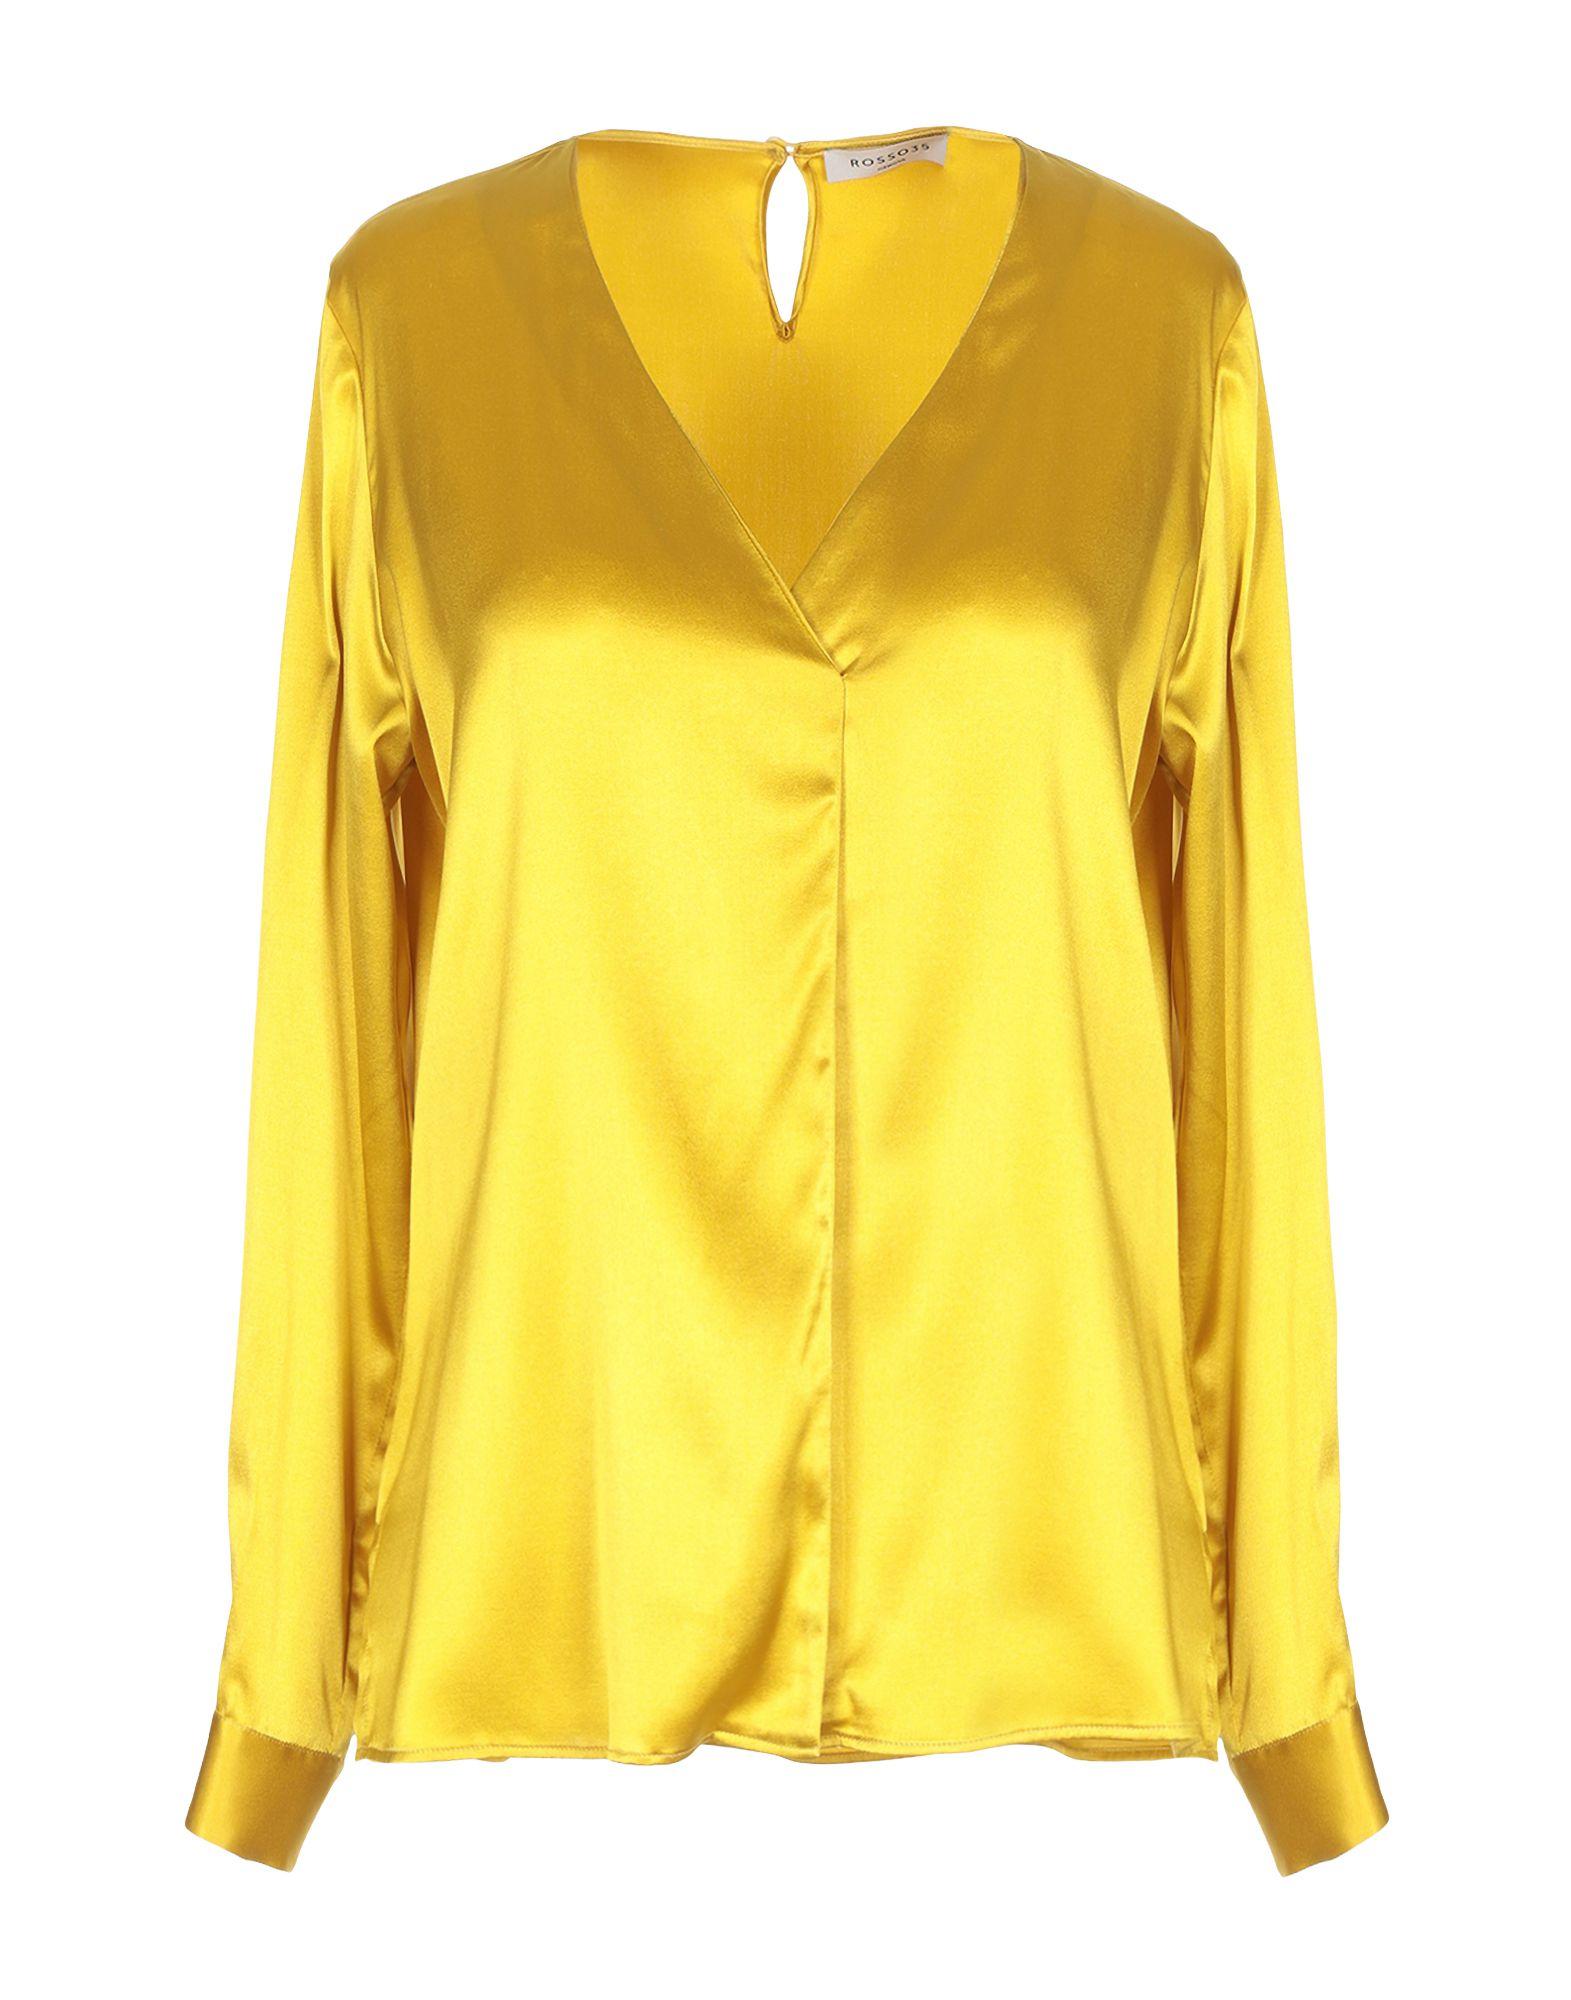 купить ROSSO35 Блузка по цене 7500 рублей